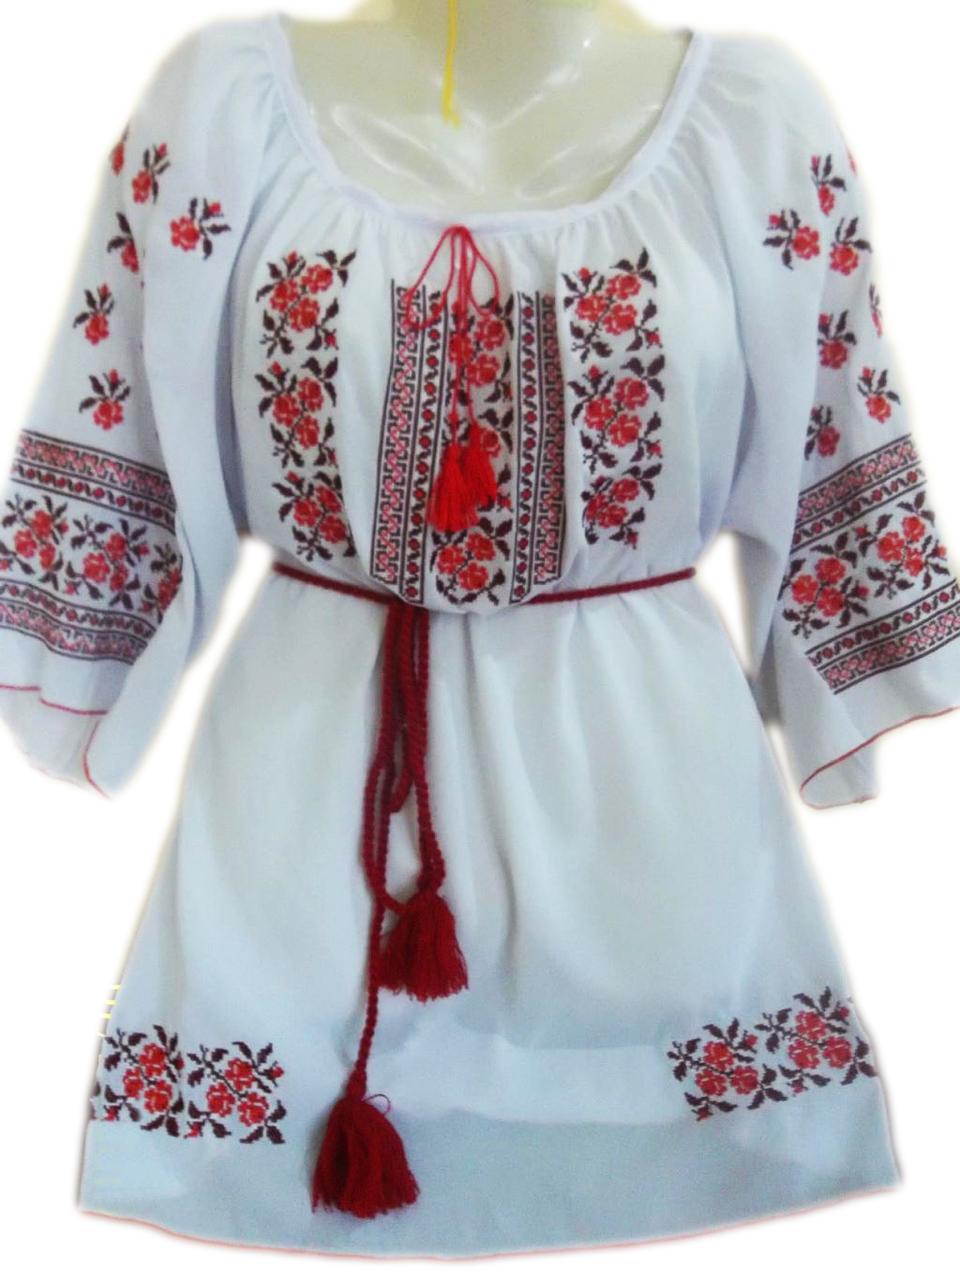 """Жіноча вишита сорочка (блузка) """"Ладний узор"""" (Женская вышитая рубашка (блузка) """"Нежный узор"""") BL-0033"""